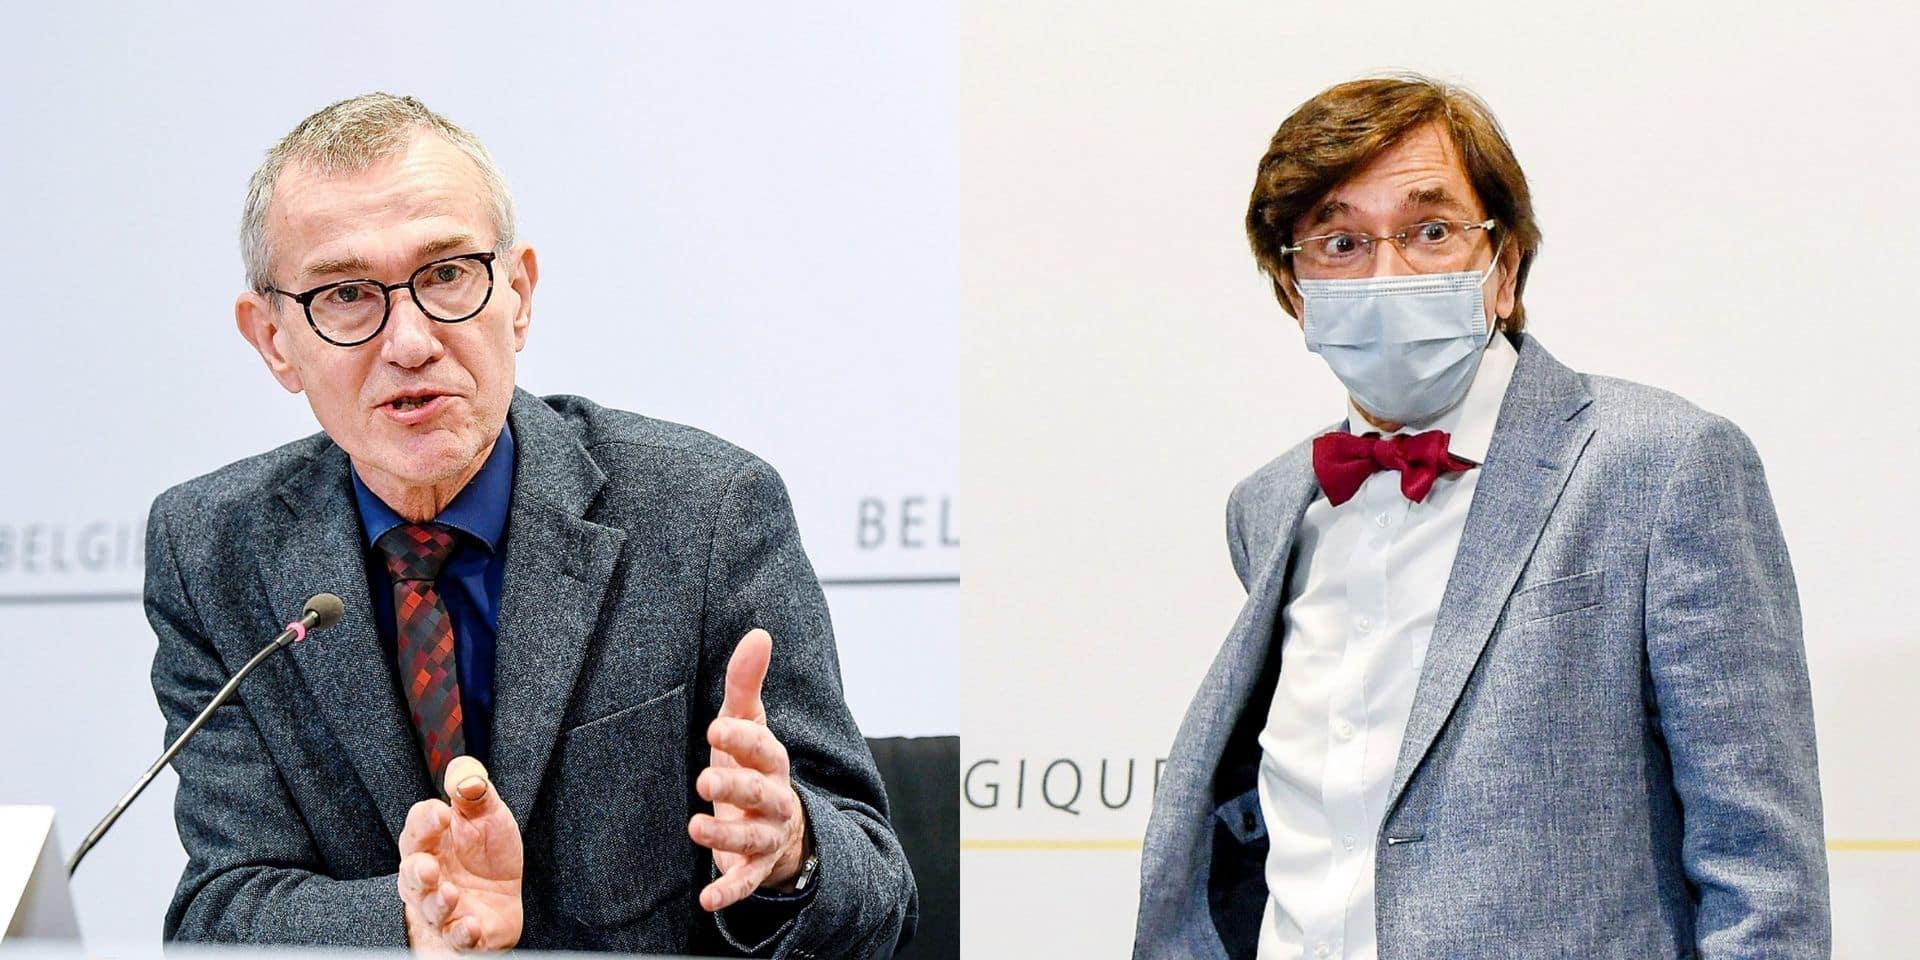 """Les tensions montent entre le parti socialiste flamand et wallon: """"Il y a eu des échanges francs"""""""